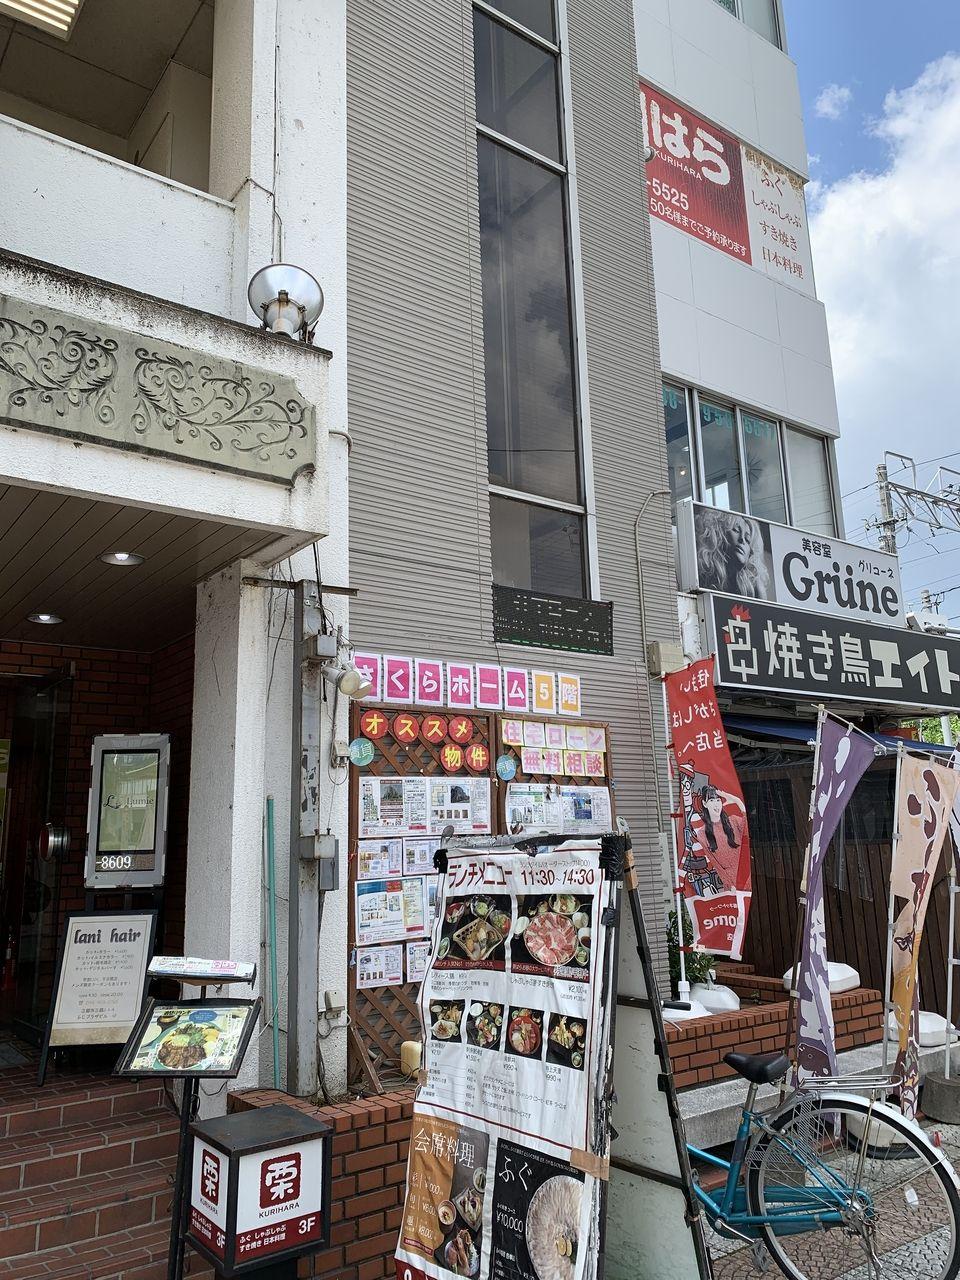 【三郷市食べ歩きブログ】三郷市三郷2丁目にある日本料理「栗はら」さんへランチに行ってきました!